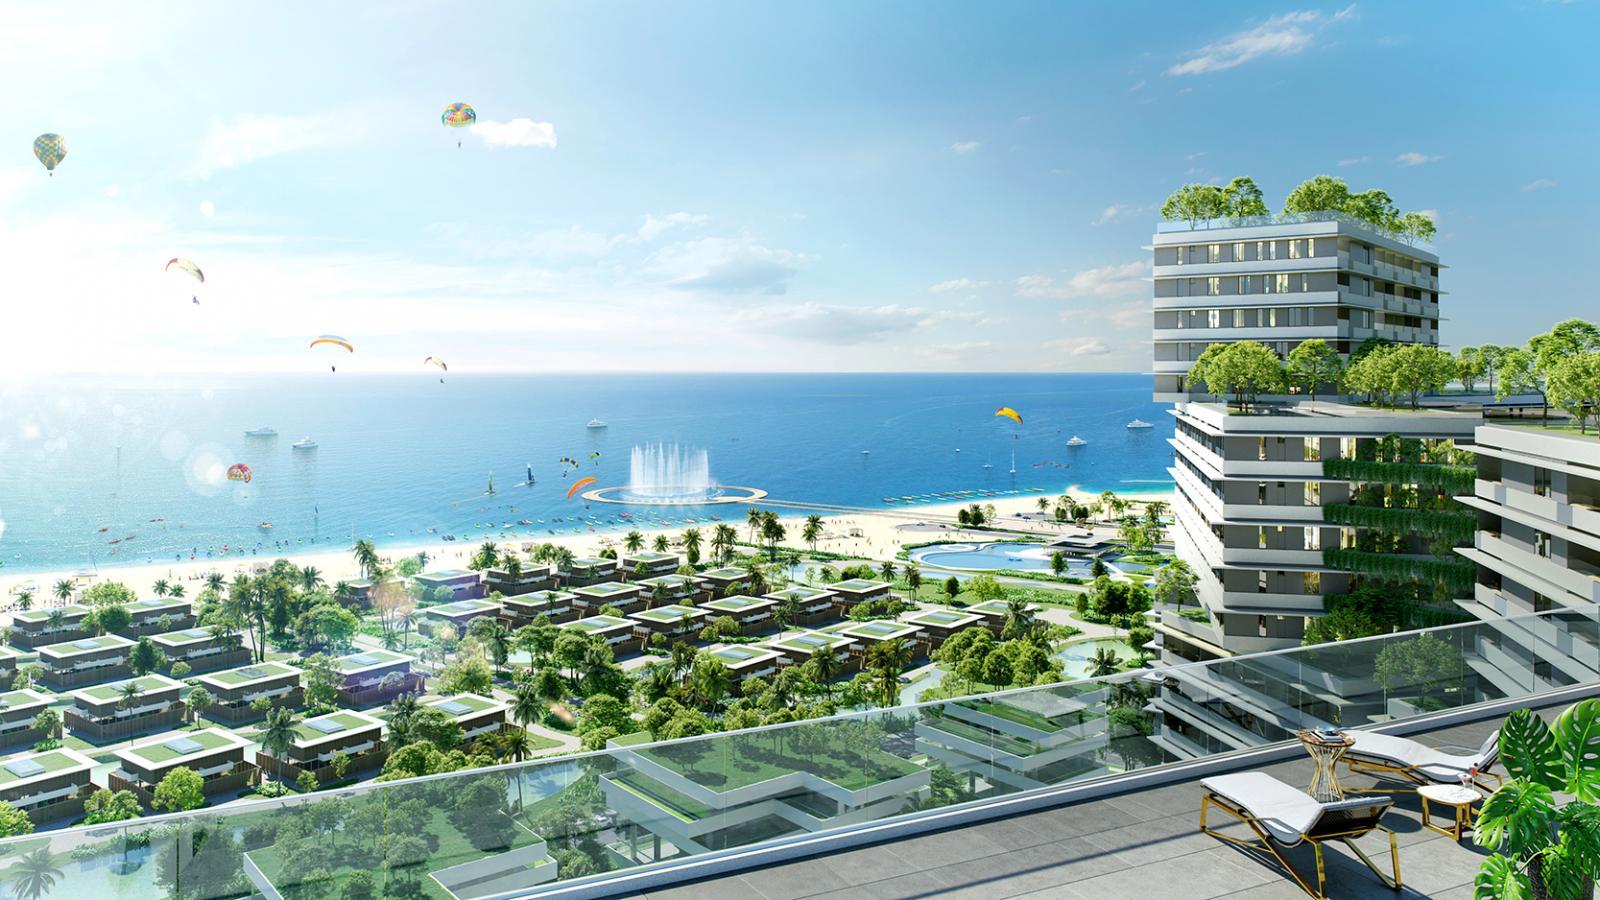 Phối cảnh một dự án nghỉ dưỡng nằm ven biển với nhiều cây xanh